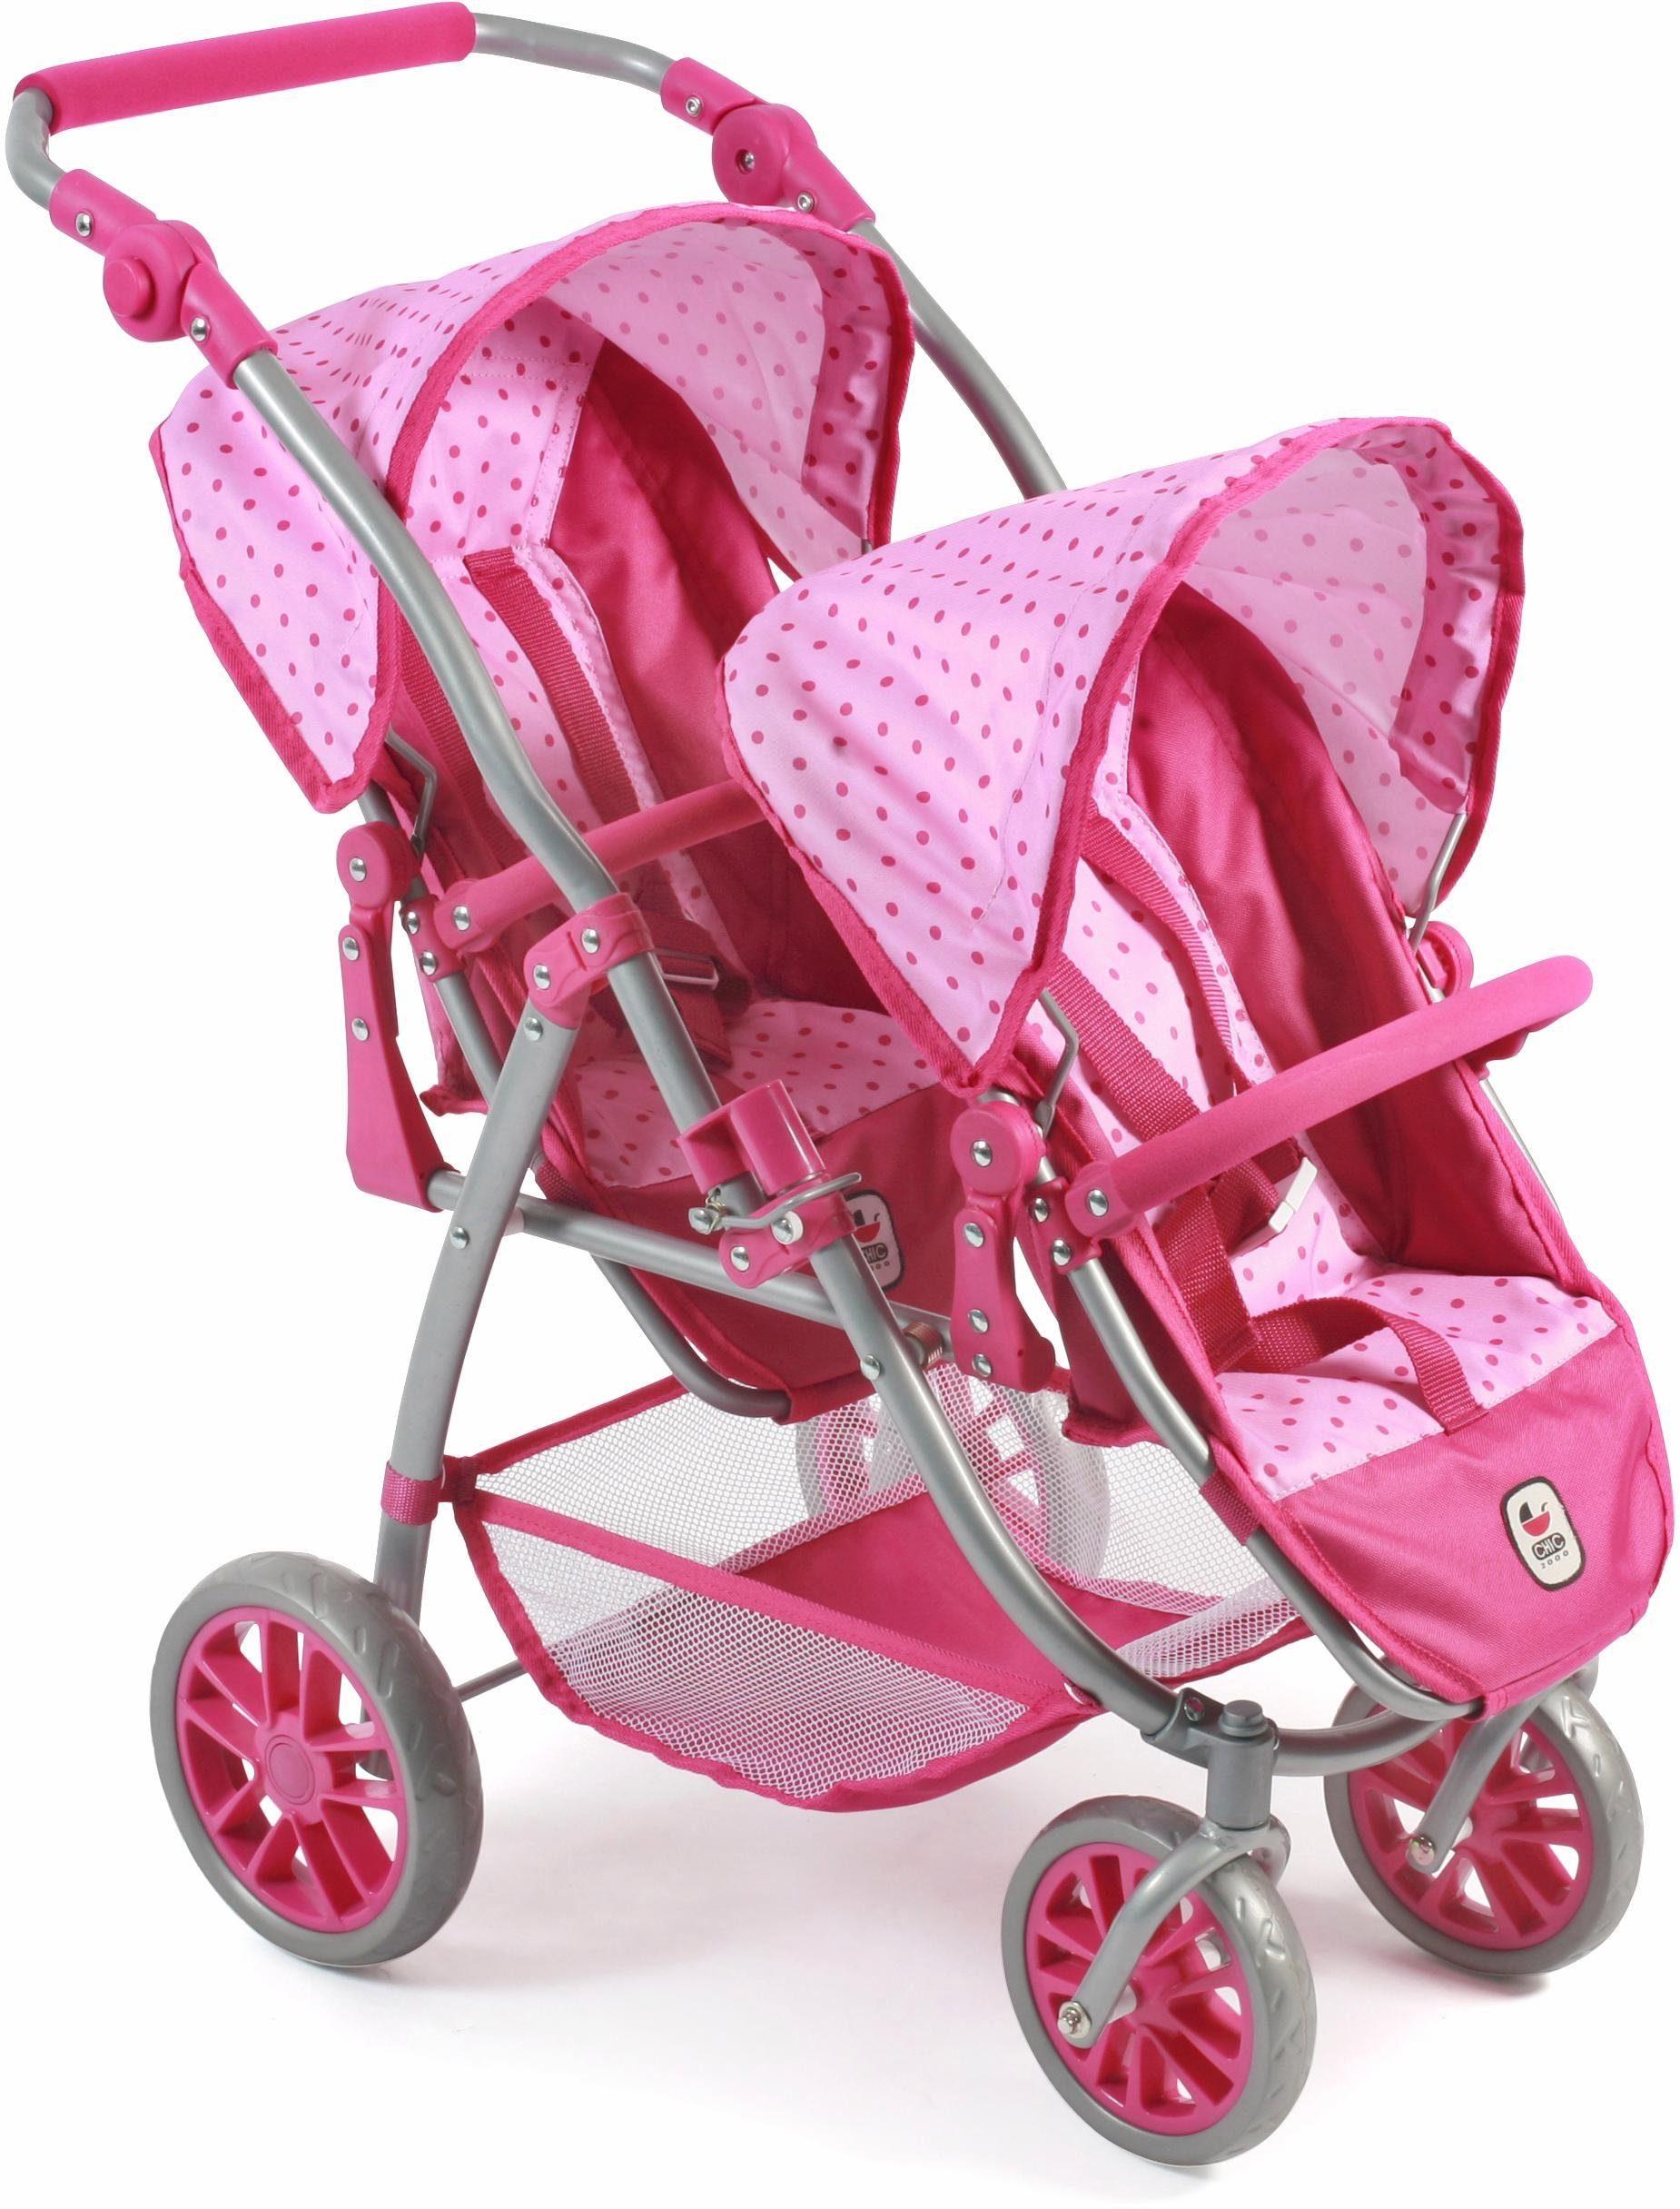 CHIC2000 Puppen Tandembuggy mit schwenkbaren Vorderrädern, »Vario, pink«